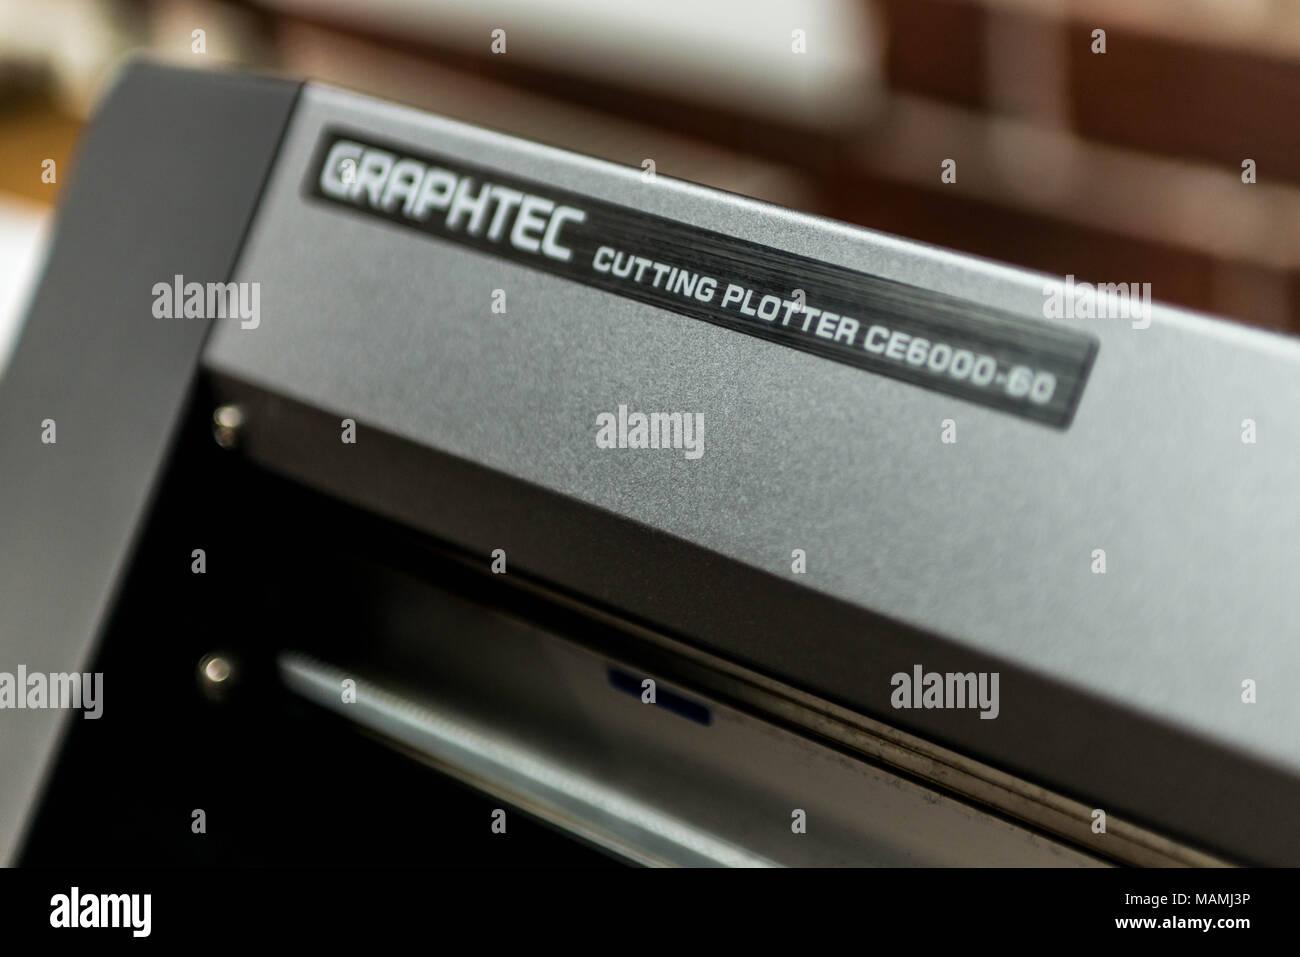 Graphtec - système d'impression numérique impression traceur pour un large éventail d'applications très grand-format foils Photo Stock